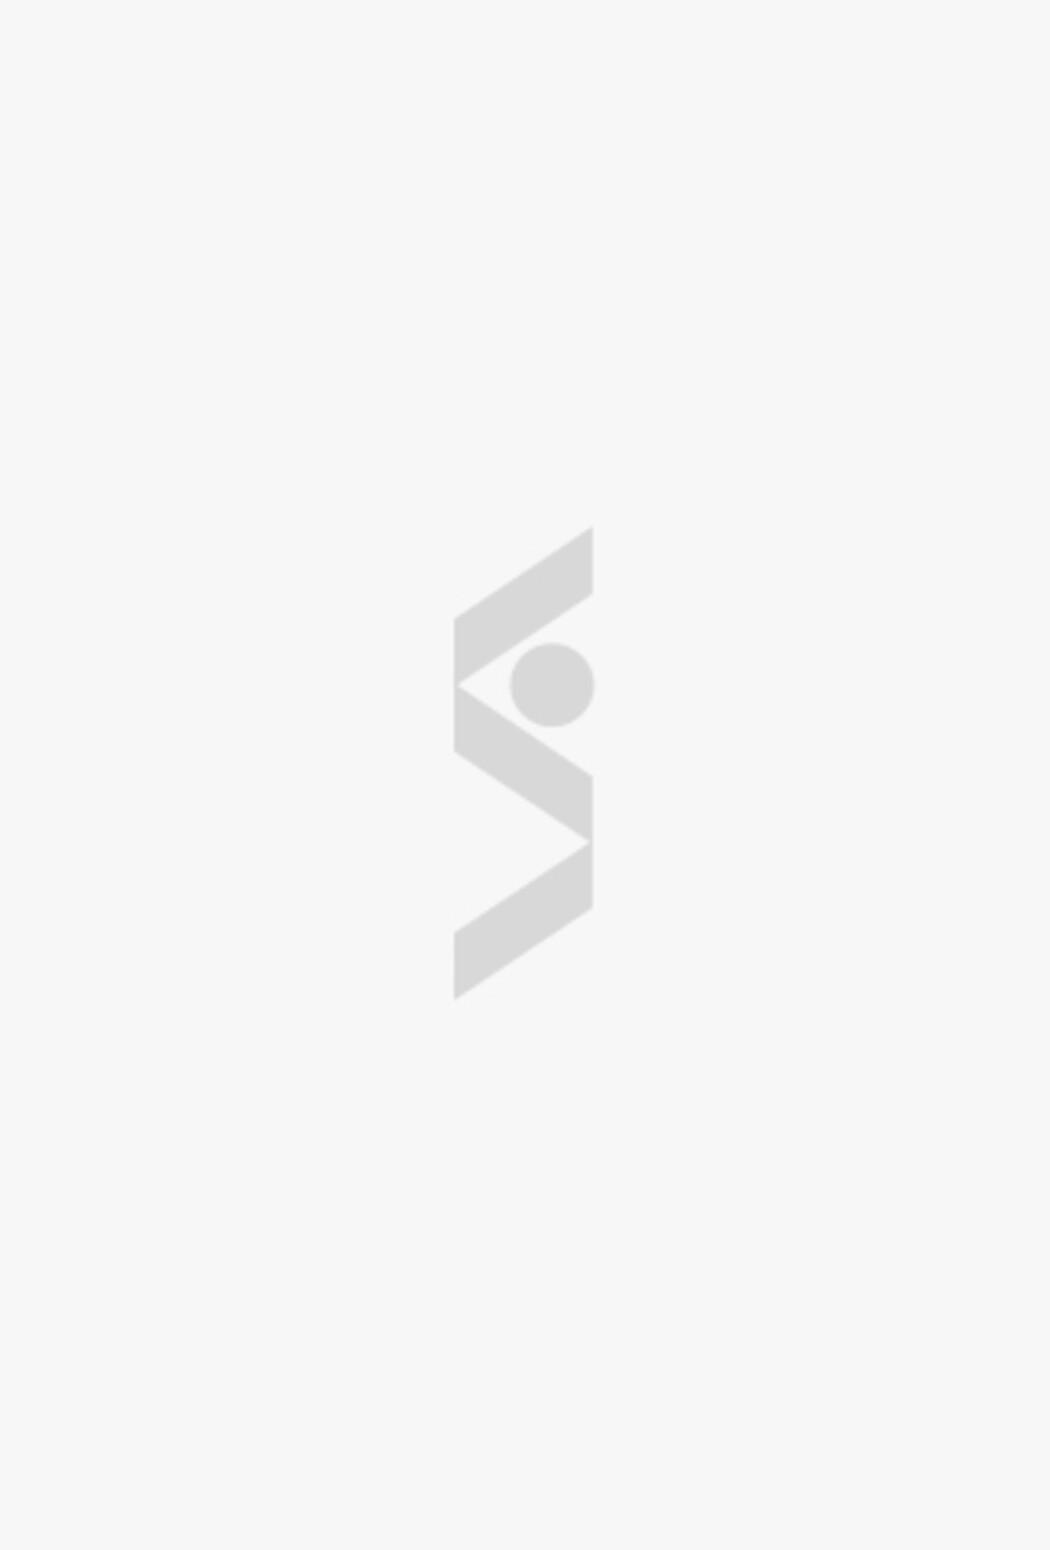 Носки классические 60 den Crabro - скоро в продаже в интернет-магазине СТОКМАНН в Москве